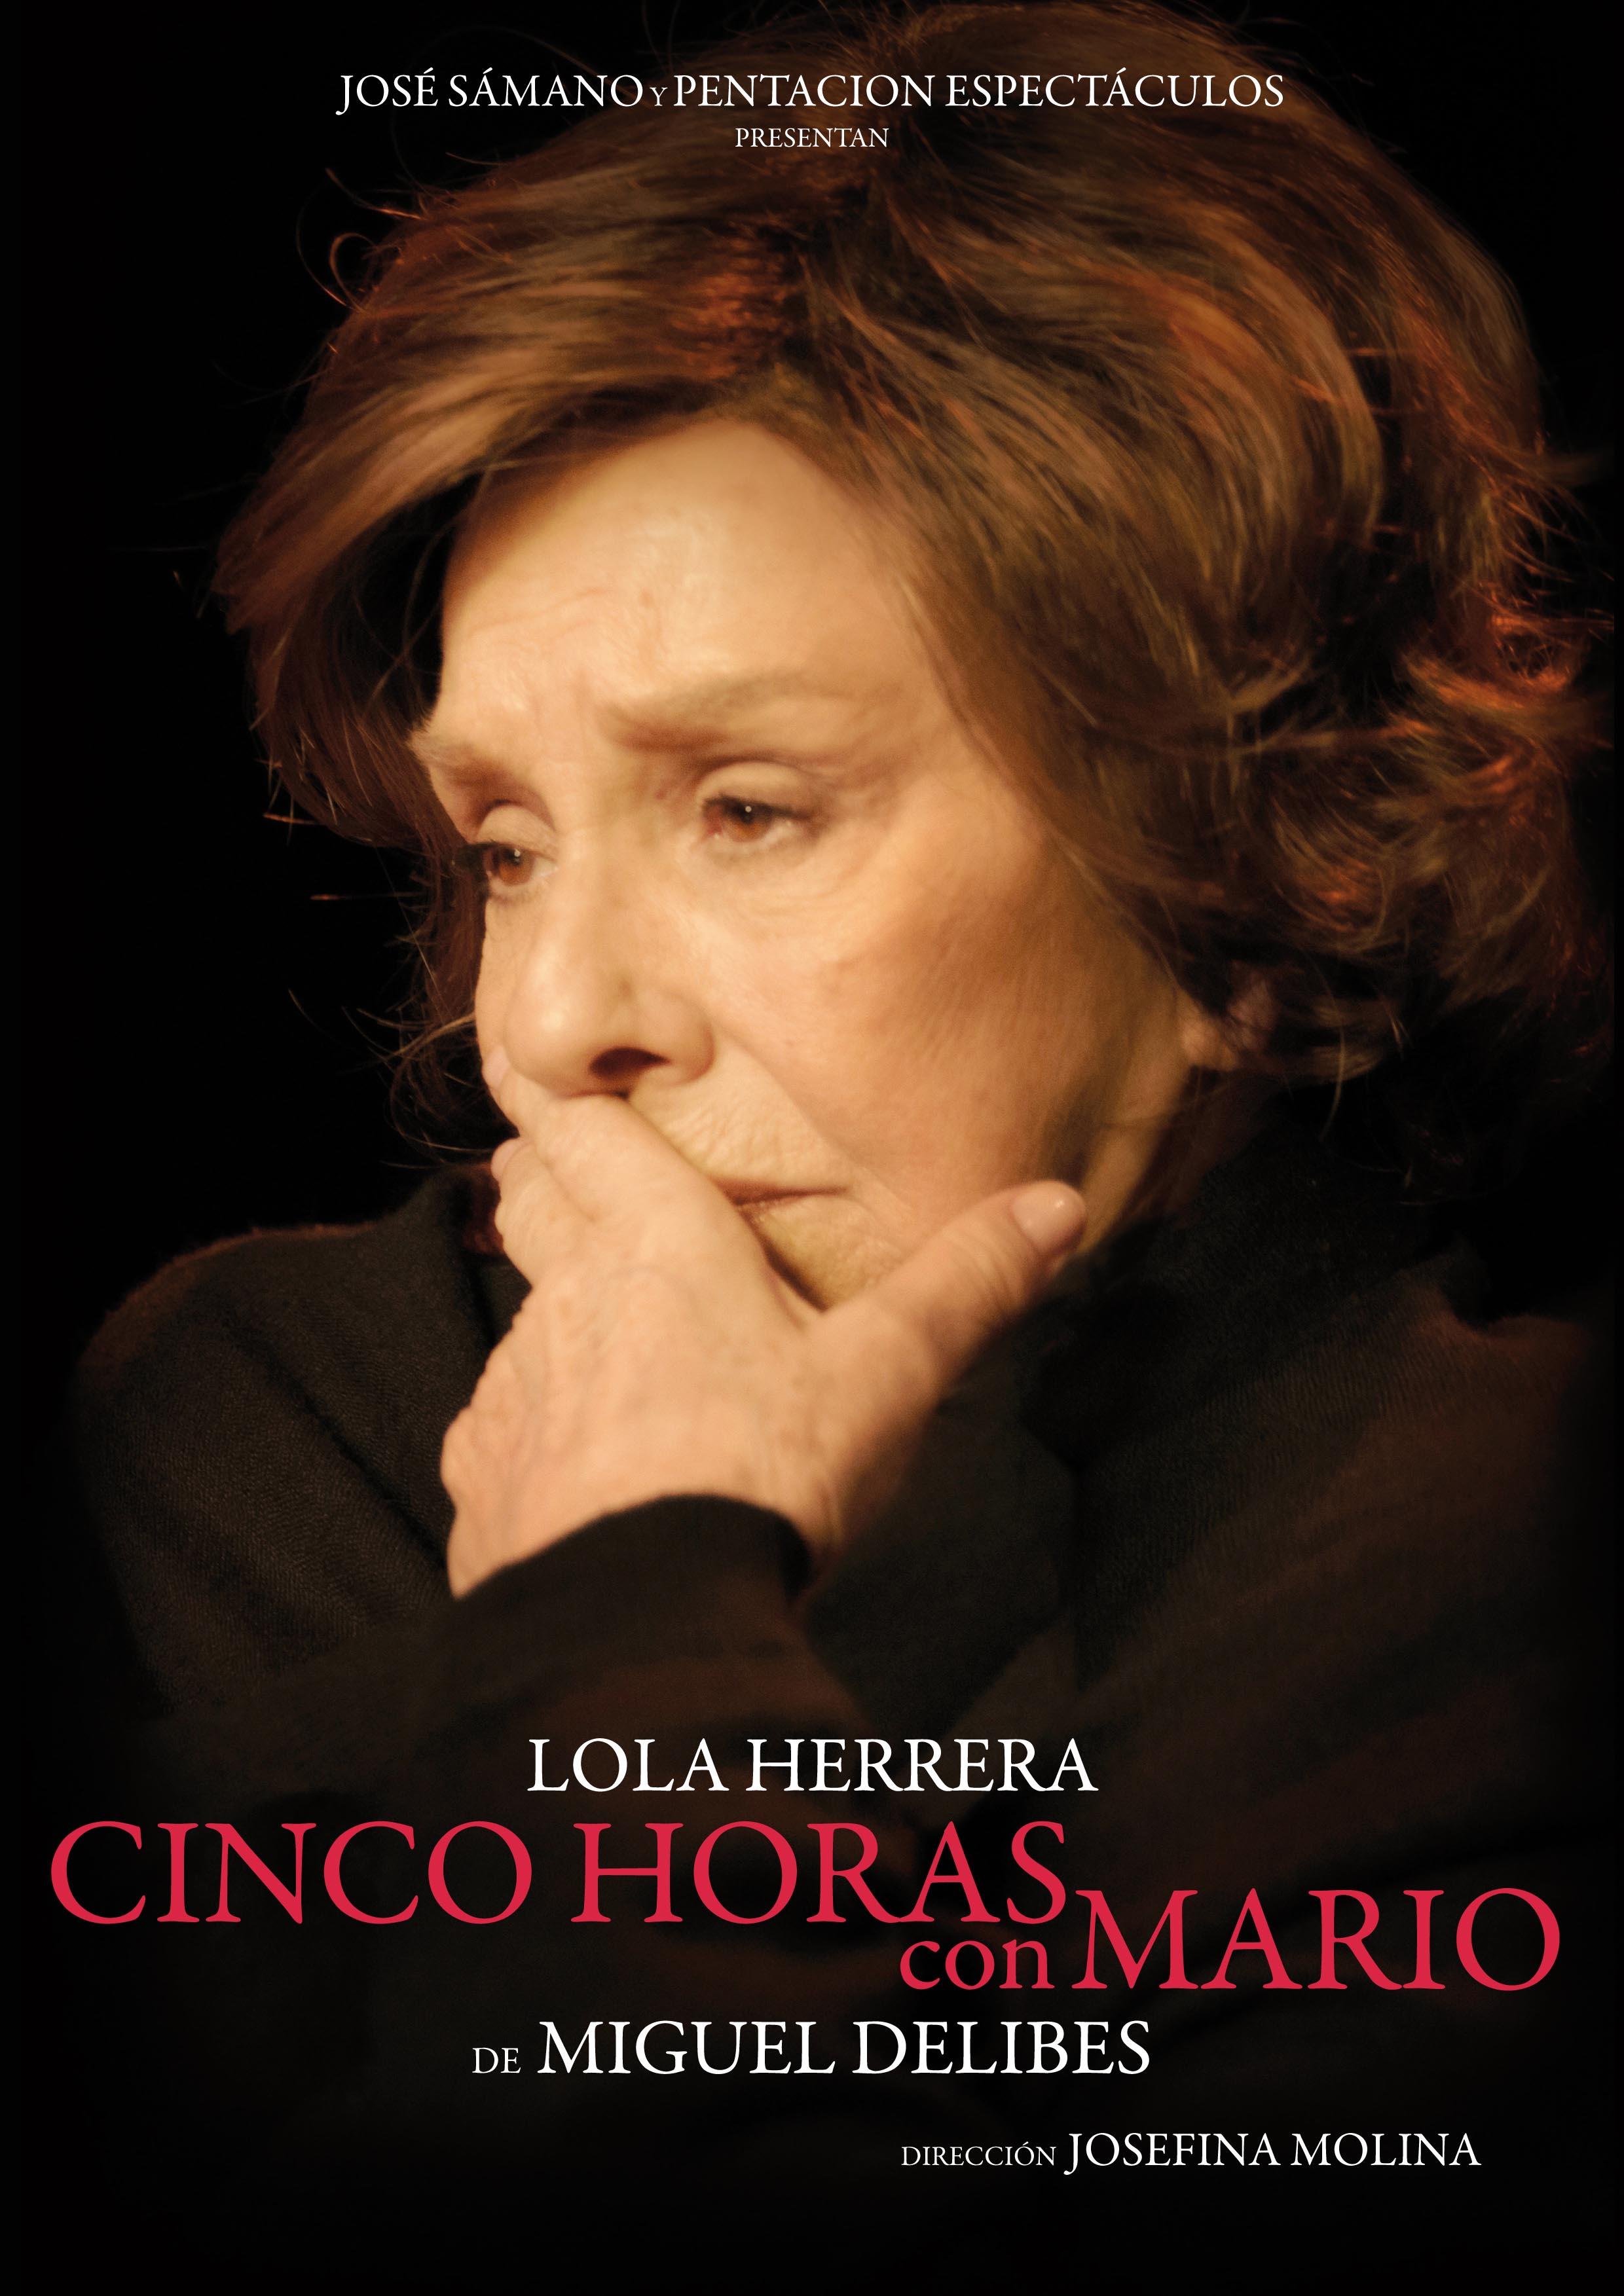 CINCO HORAS CON MARIO con LoLa Herrera